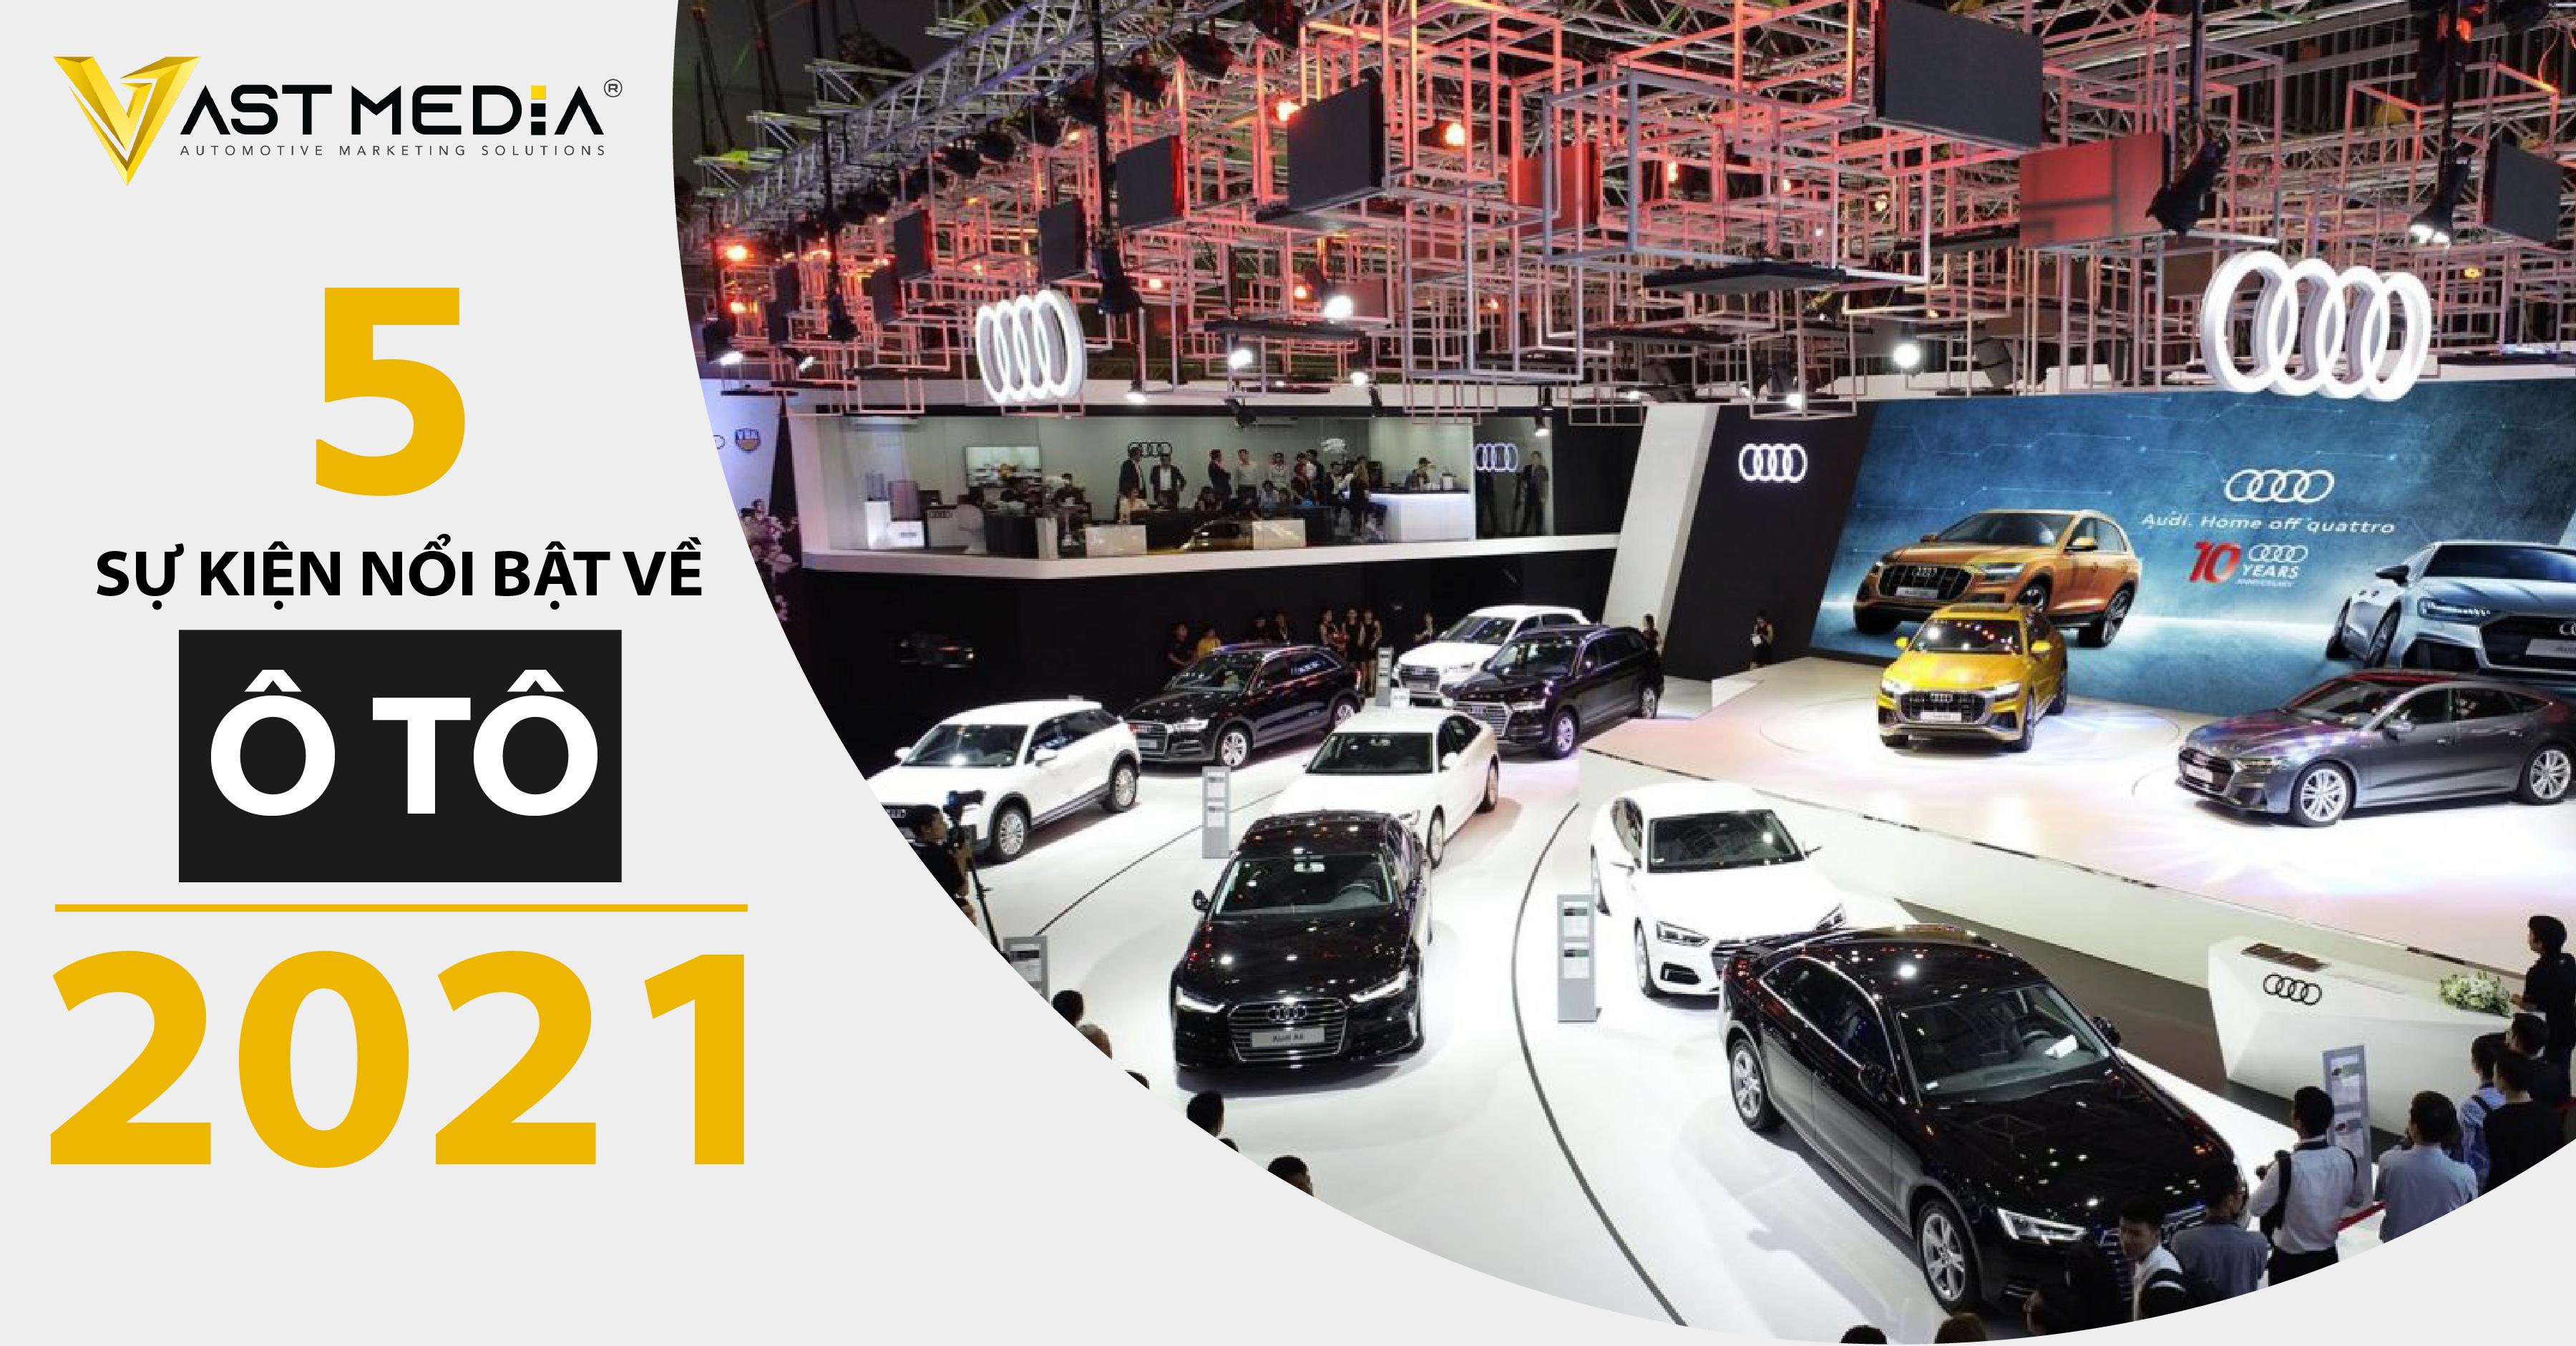 5 sự kiện về ô tô dự kiến tổ chức năm 2021